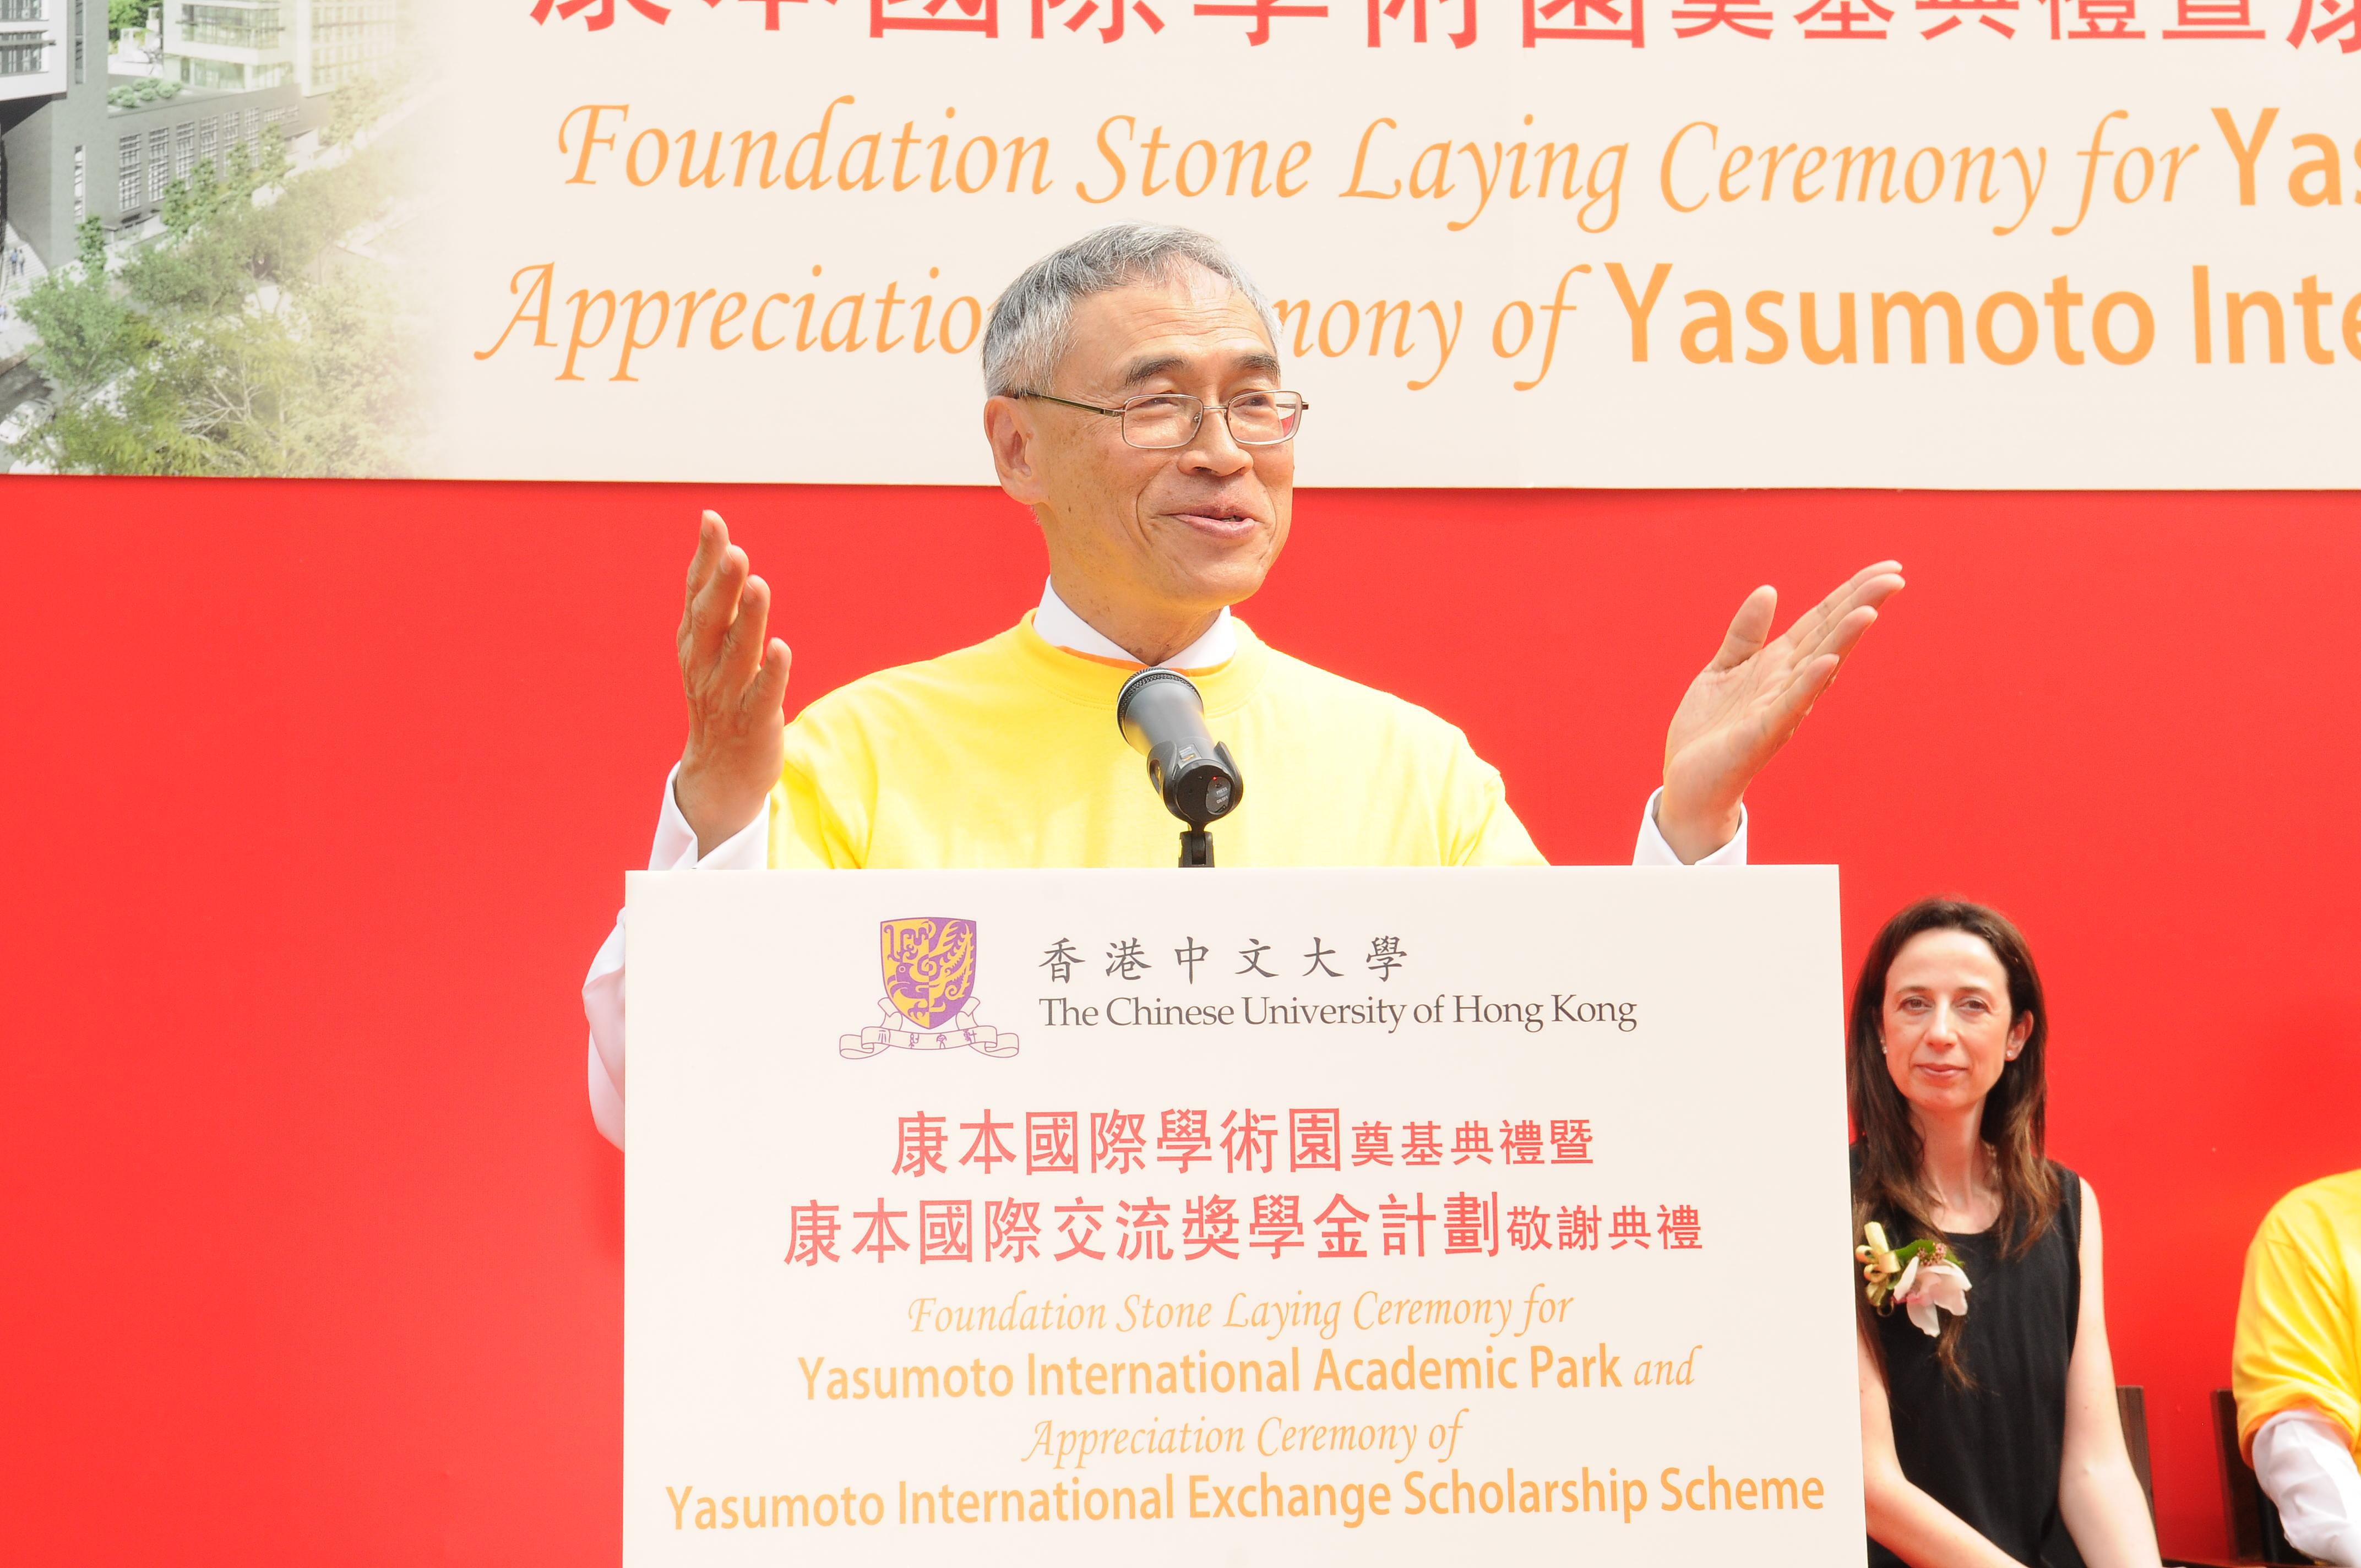 Prof. Lawrence J. Lau, Vice-Chancellor, CUHK